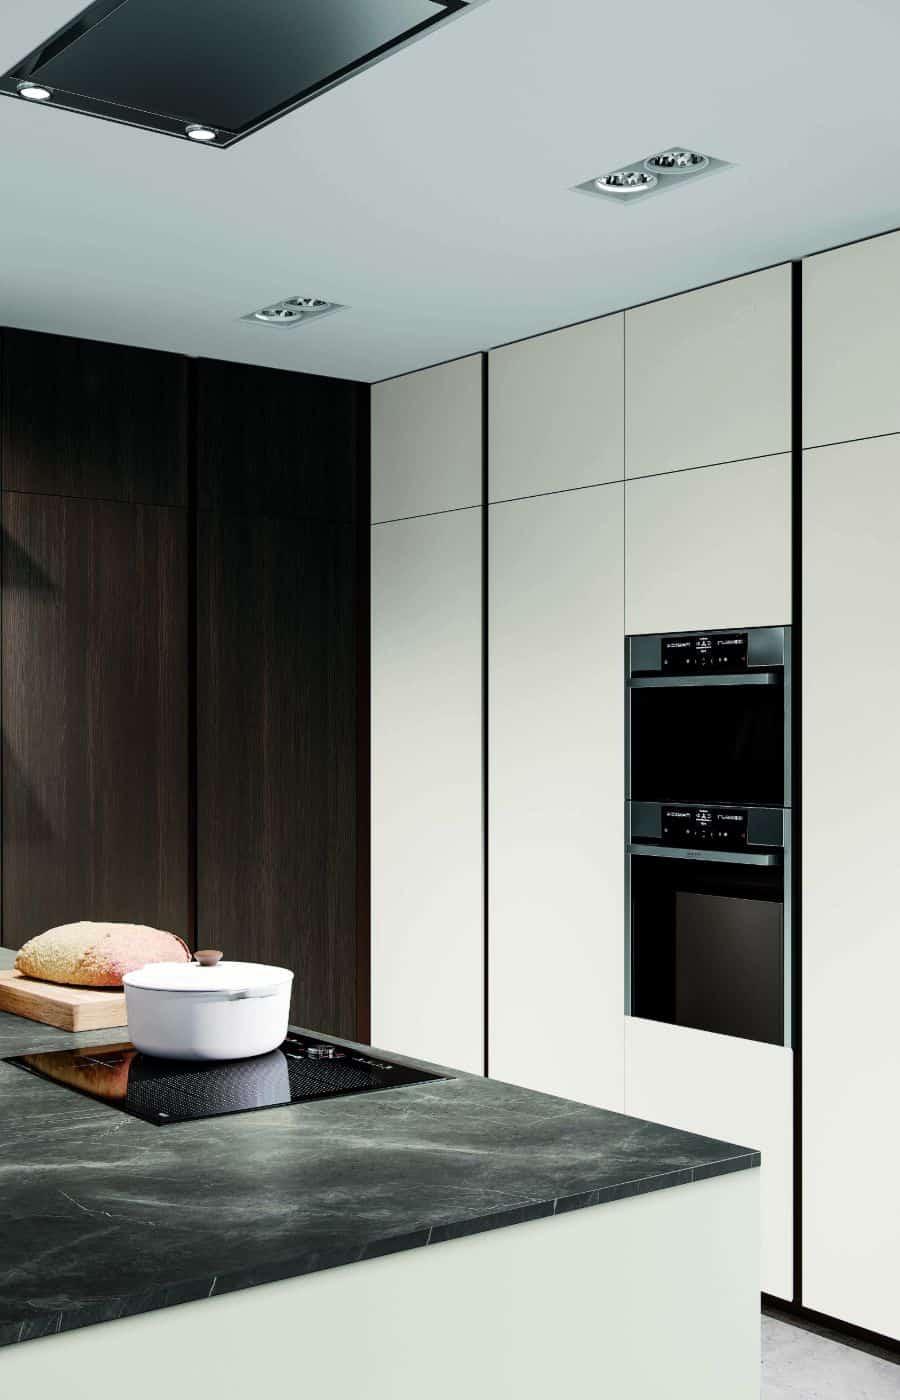 cucina-colonne-elettrodomestici-collezione-minerva-il-mobile